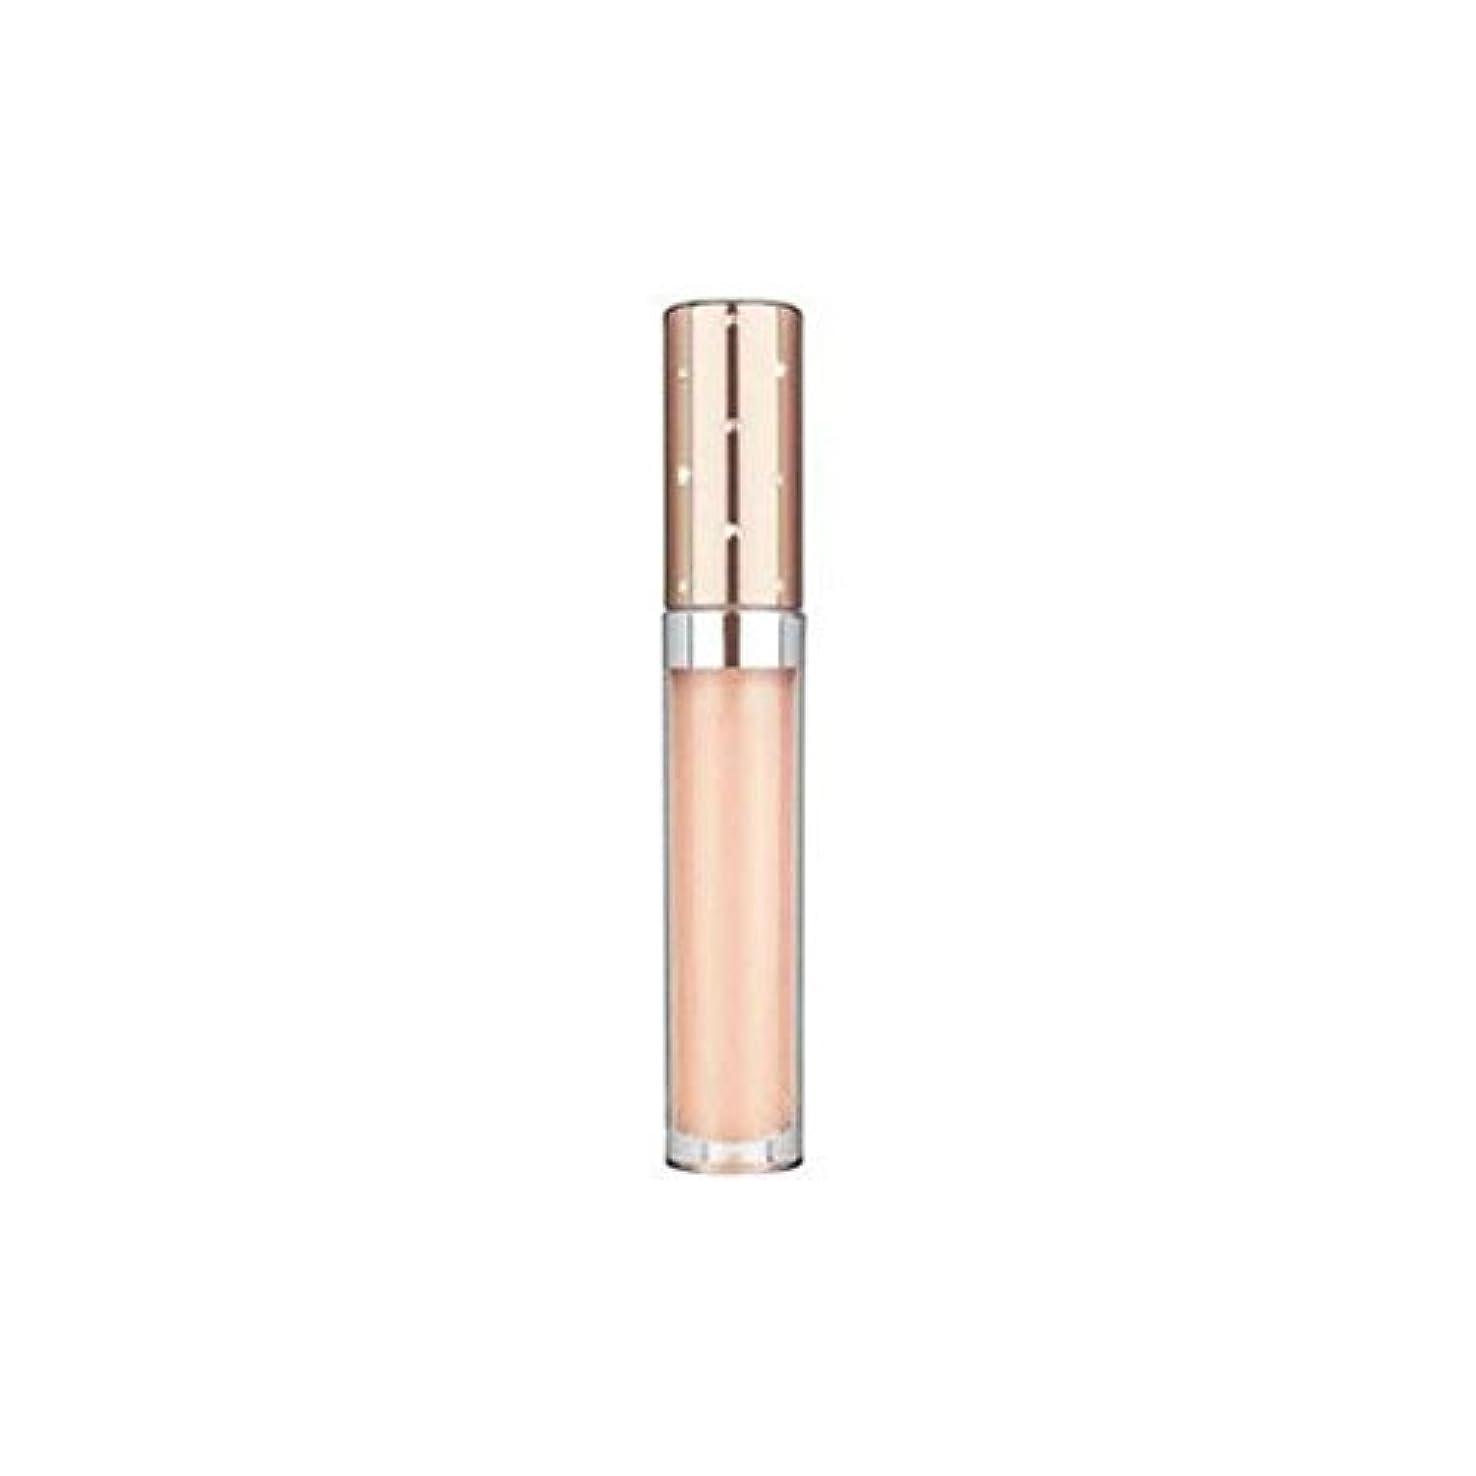 インスタントリップパーフェクション15(5ミリリットル) x2 - Nubo Instant Lip Perfection Spf15 (5ml) (Pack of 2) [並行輸入品]